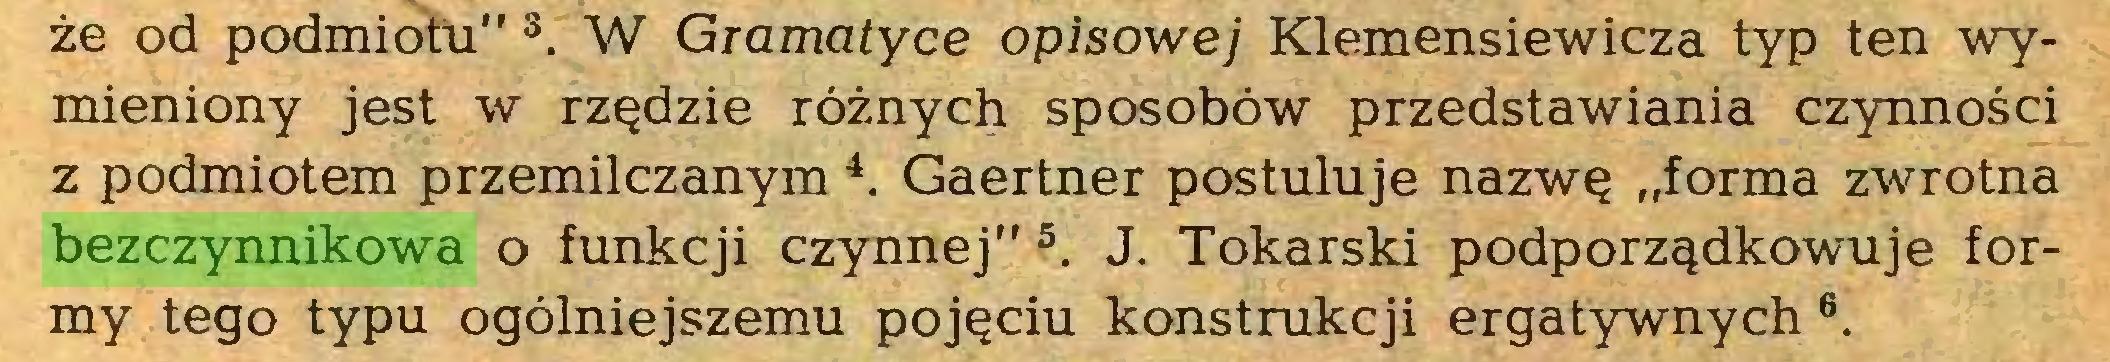 """(...) że od podmiotu"""" s. W Gramatyce opisowej Klemensiewicza typ ten wymieniony jest w rzędzie różnych sposobów przedstawiania czynności z podmiotem przemilczanym 4. Gaertner postuluje nazwę """"forma zwrotna bezczynnikowa o funkcji czynnej""""5. J. Tokarski podporządkowuje formy tego typu ogólniejszemu pojęciu konstrukcji ergatywnych 6..."""